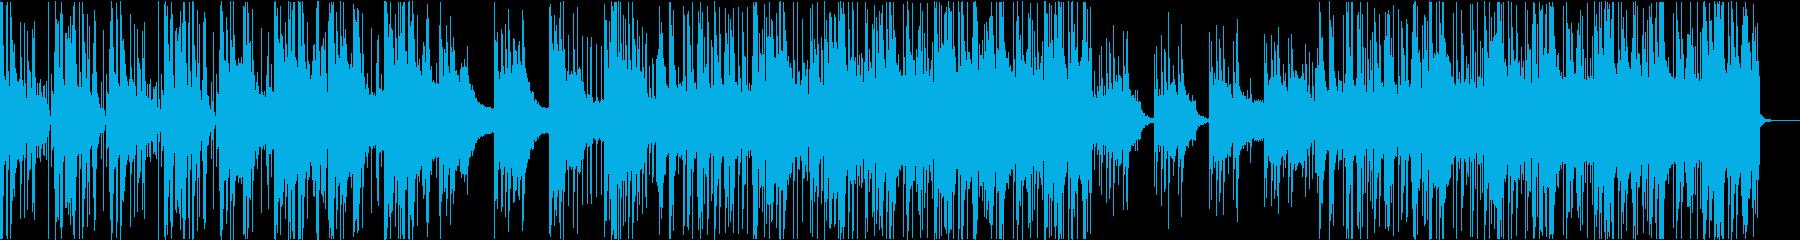 シンセとストリングスの夢の中のポップスの再生済みの波形